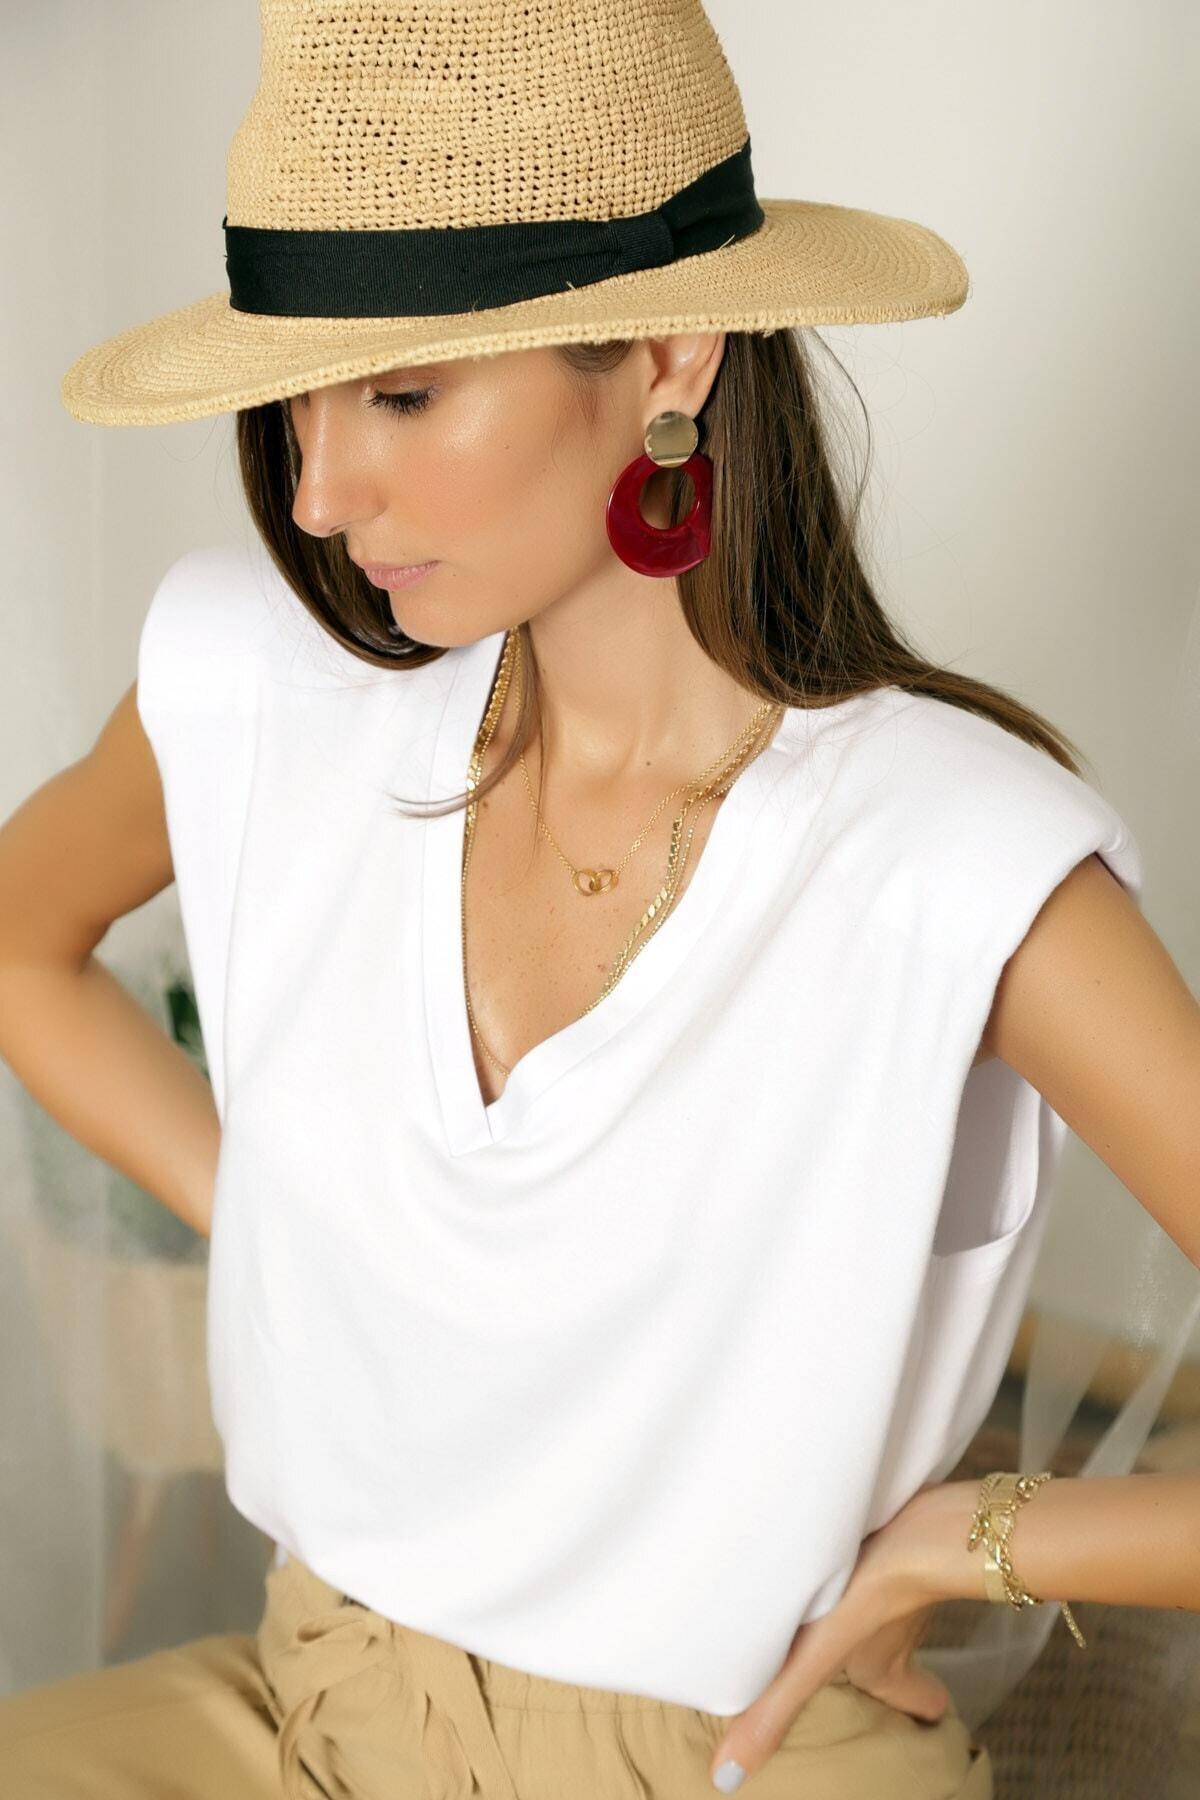 ARYA FASHION Kadın Beyaz Özel Tasarım V Yaka Göğüs Dekolteli Seksi Kolsuz Bol Kesim Tarz Vatkalı Bluz 2